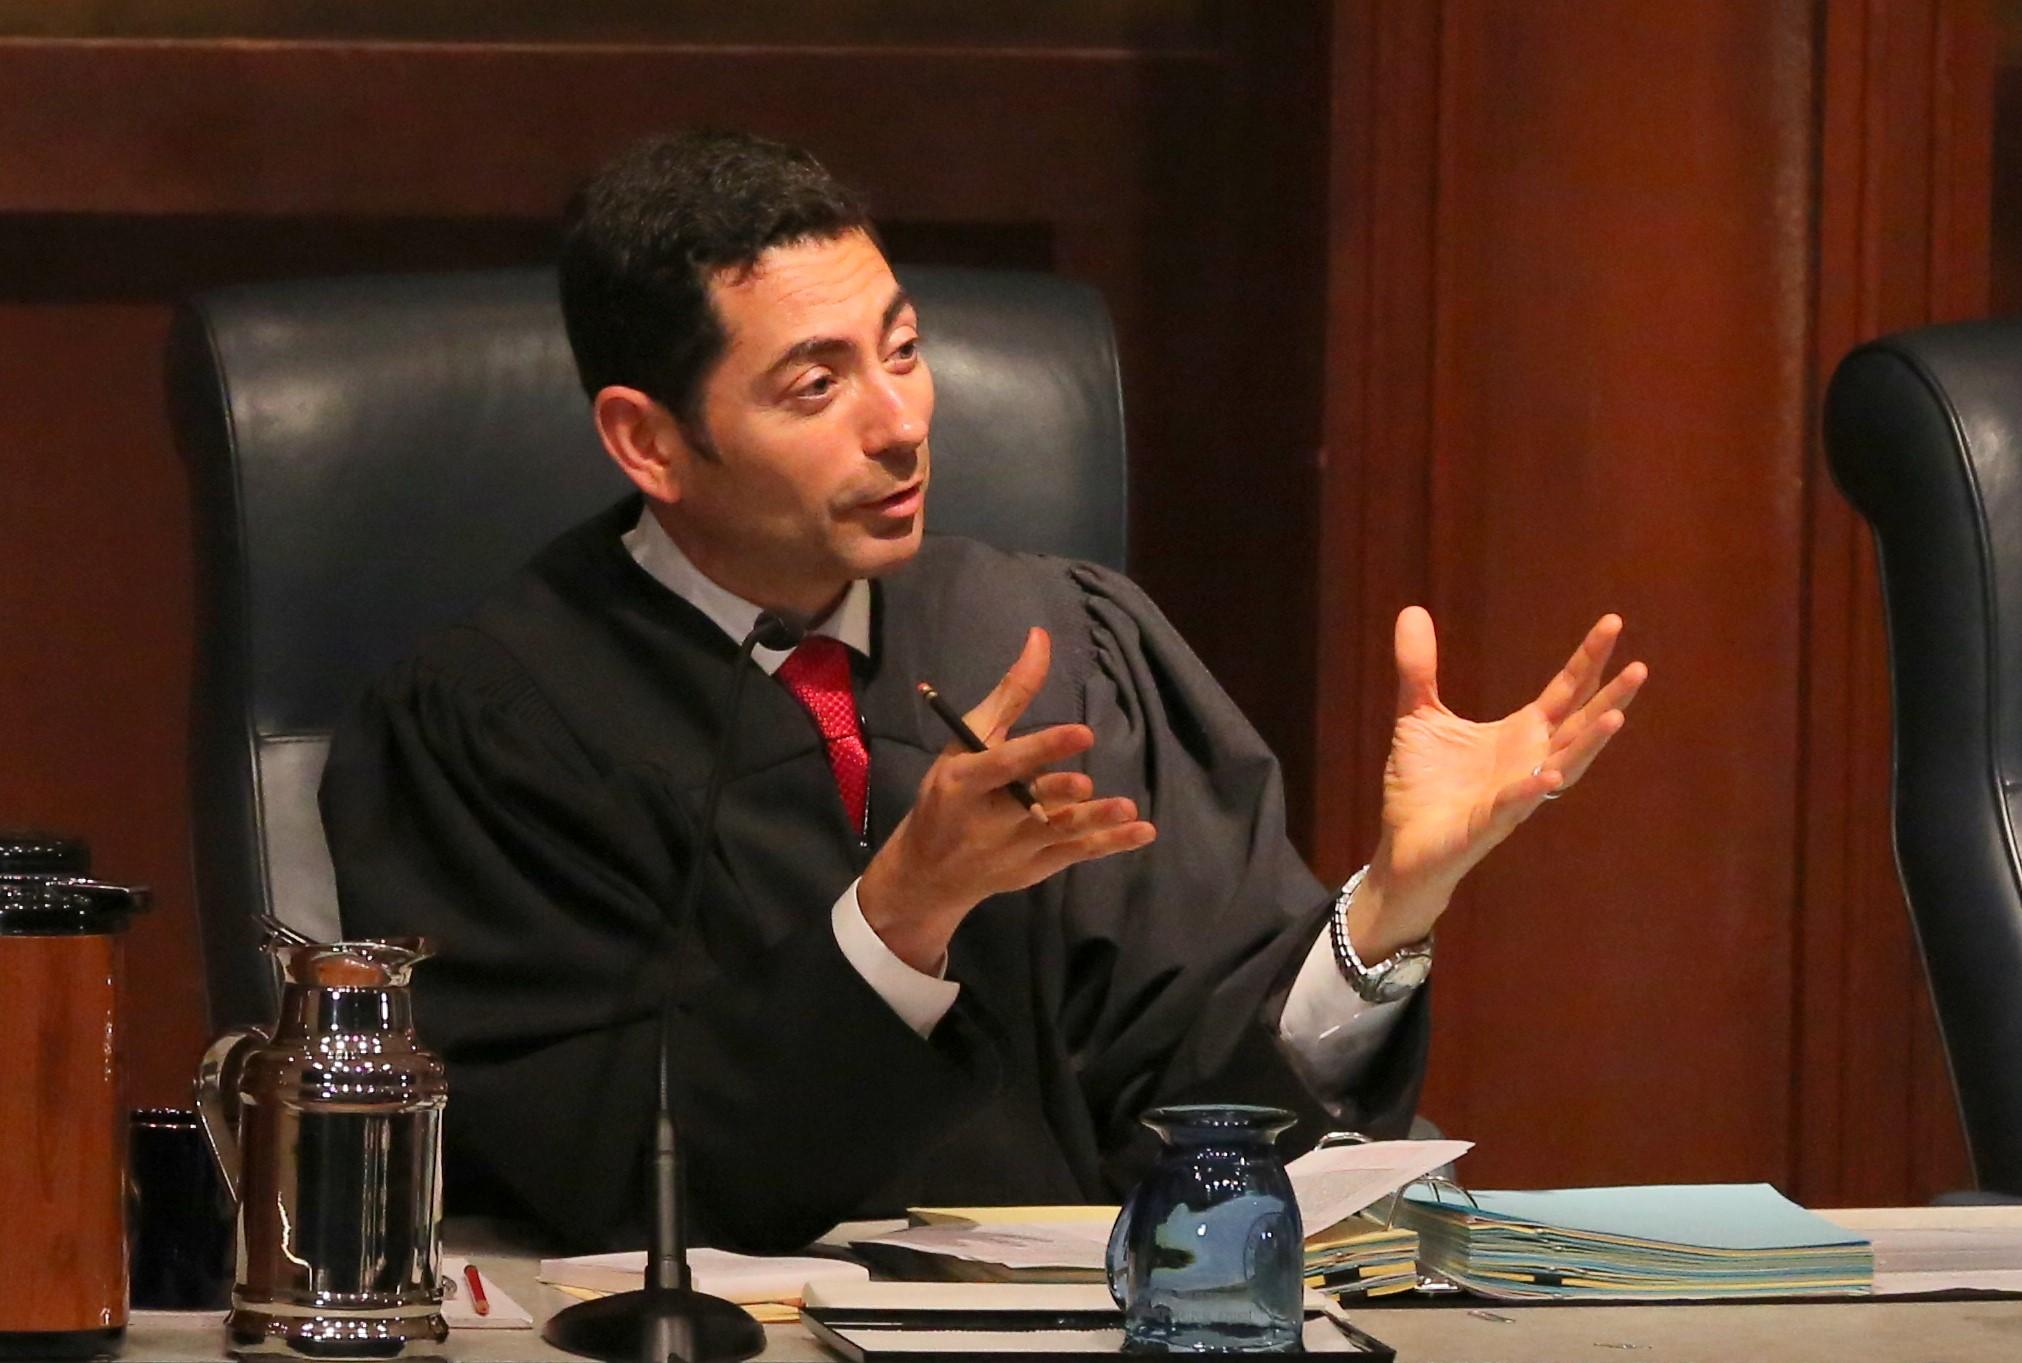 Justice Cuéllar